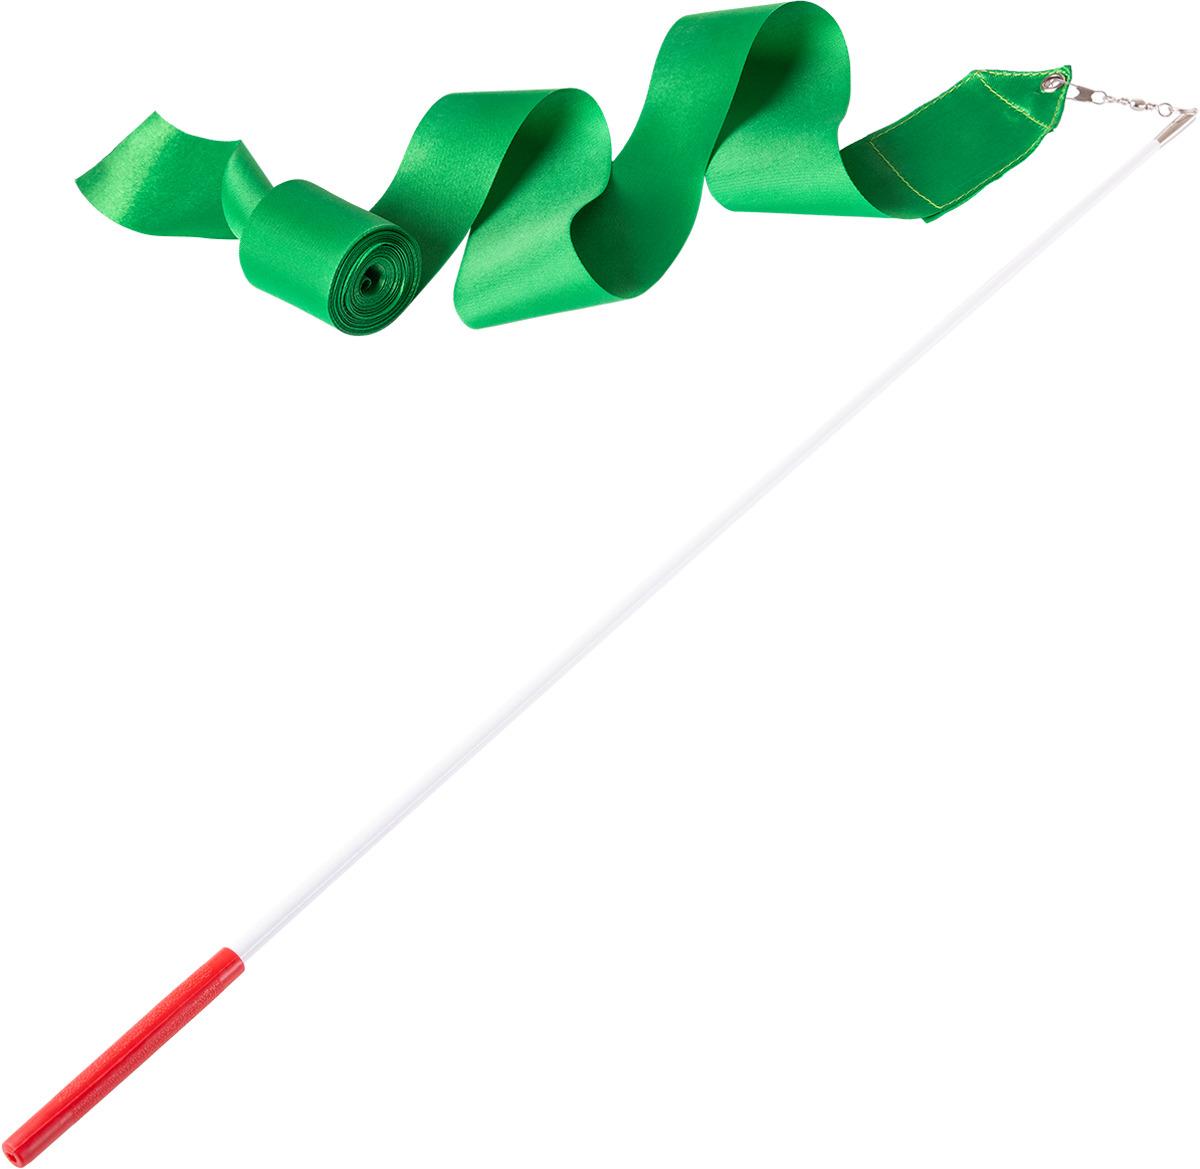 Лента для художественной гимнастики Amely AGR-201, длина 4 м, с палочкой 46 см, цвет: зеленый лонгслив для гимнастики малыши